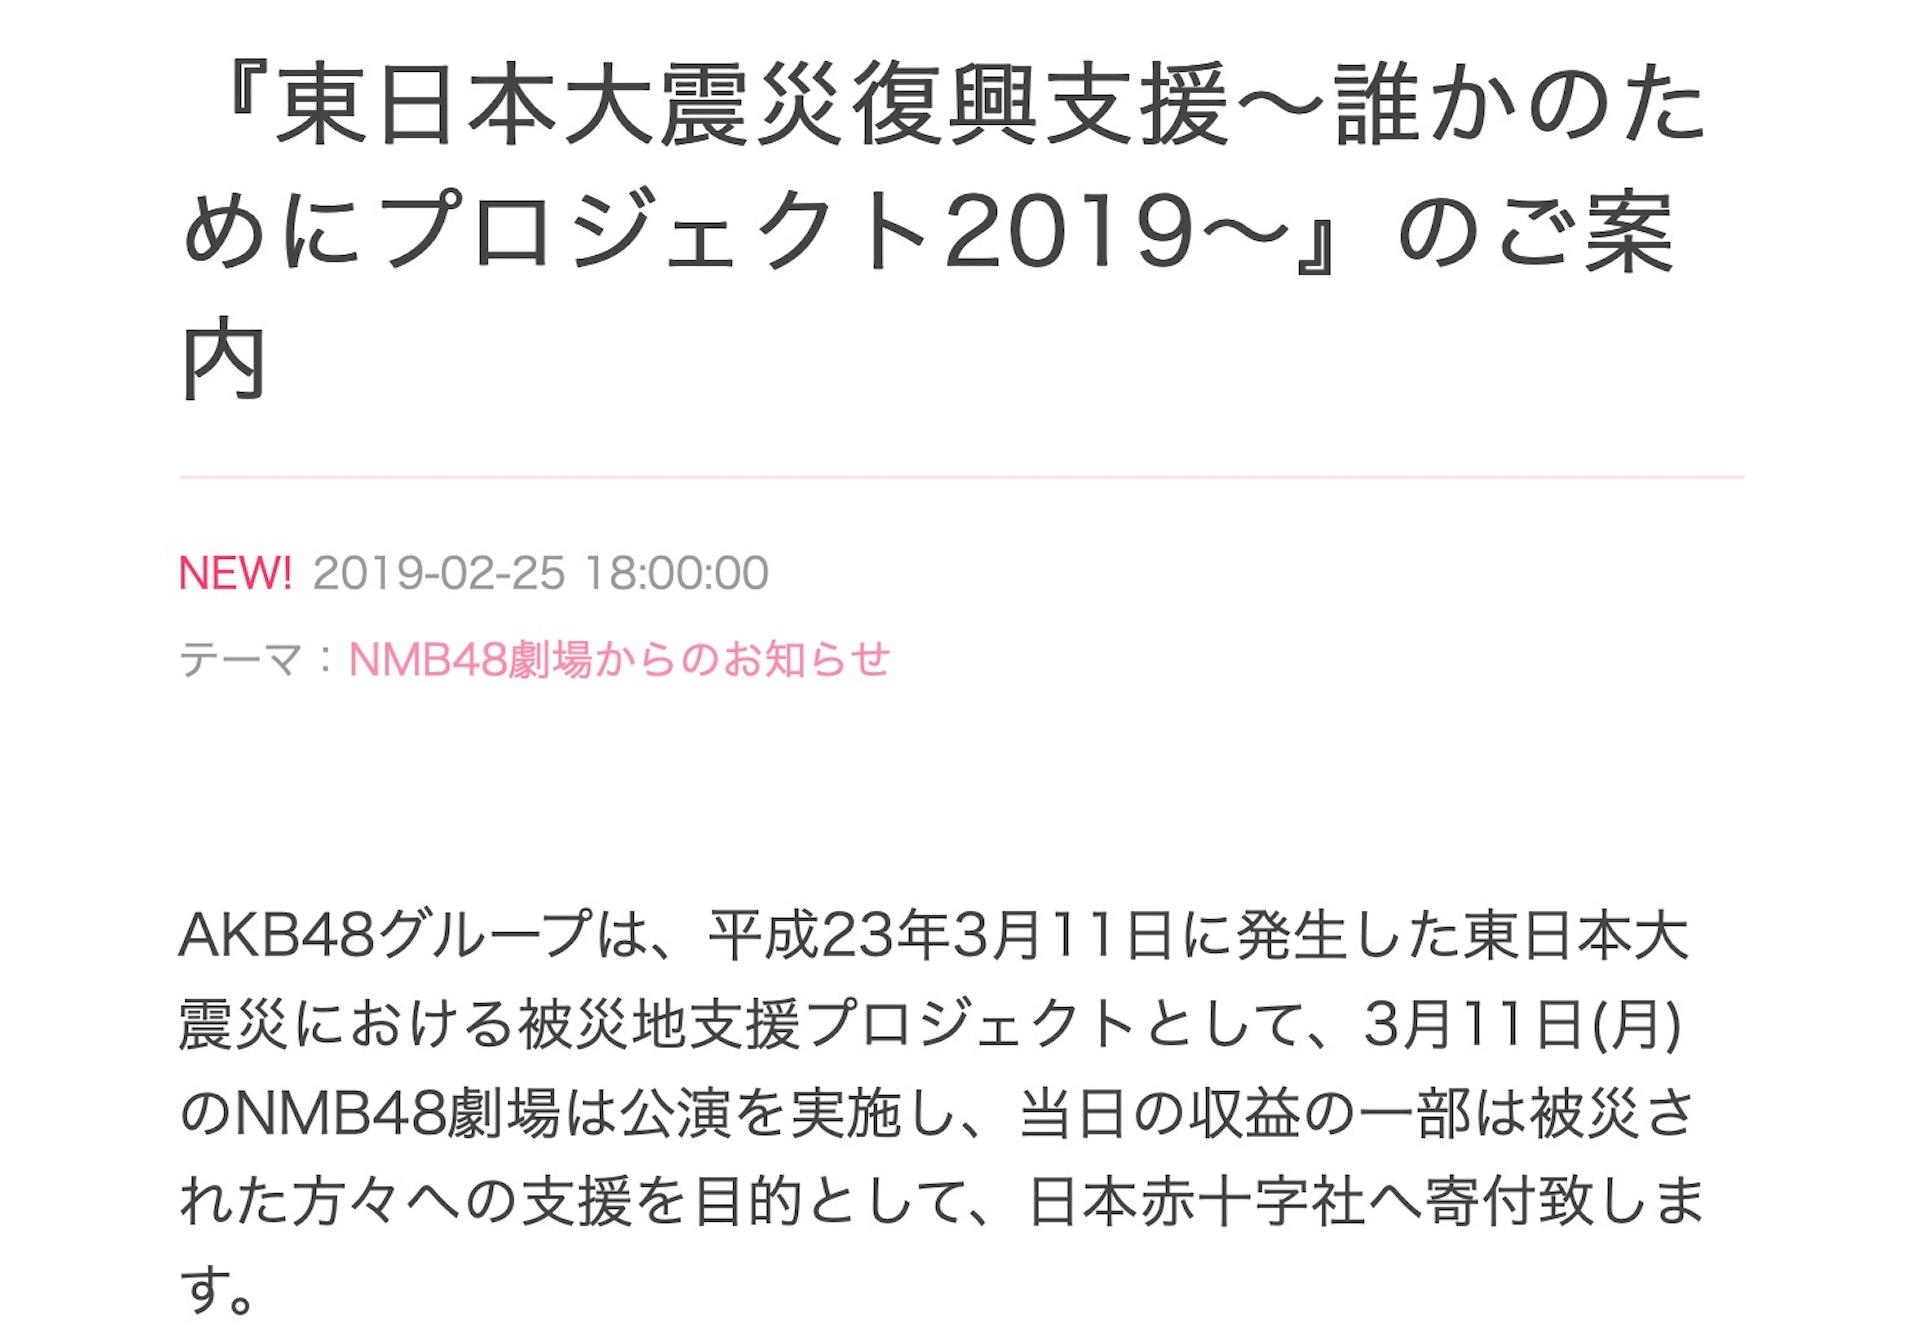 【NMB48】2019年3月11日にNMB48劇場での「誰かのためにプロジェクト2019」開催が発表。